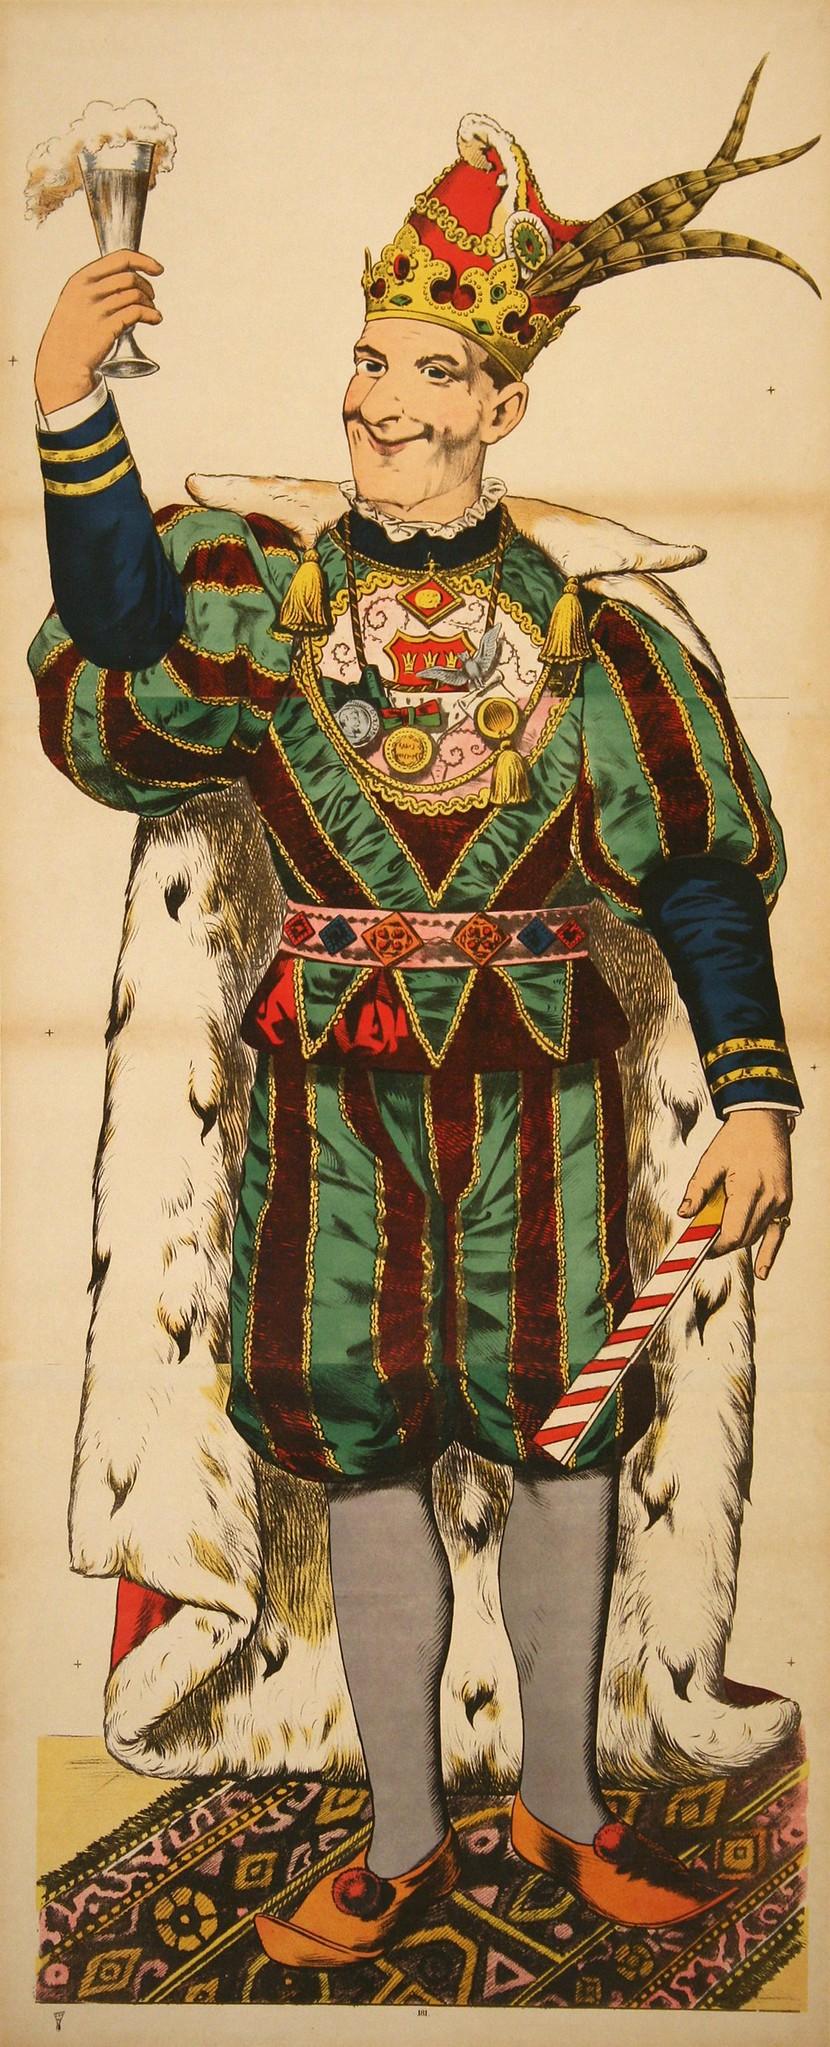 Wissembourg-beer-jester-1880